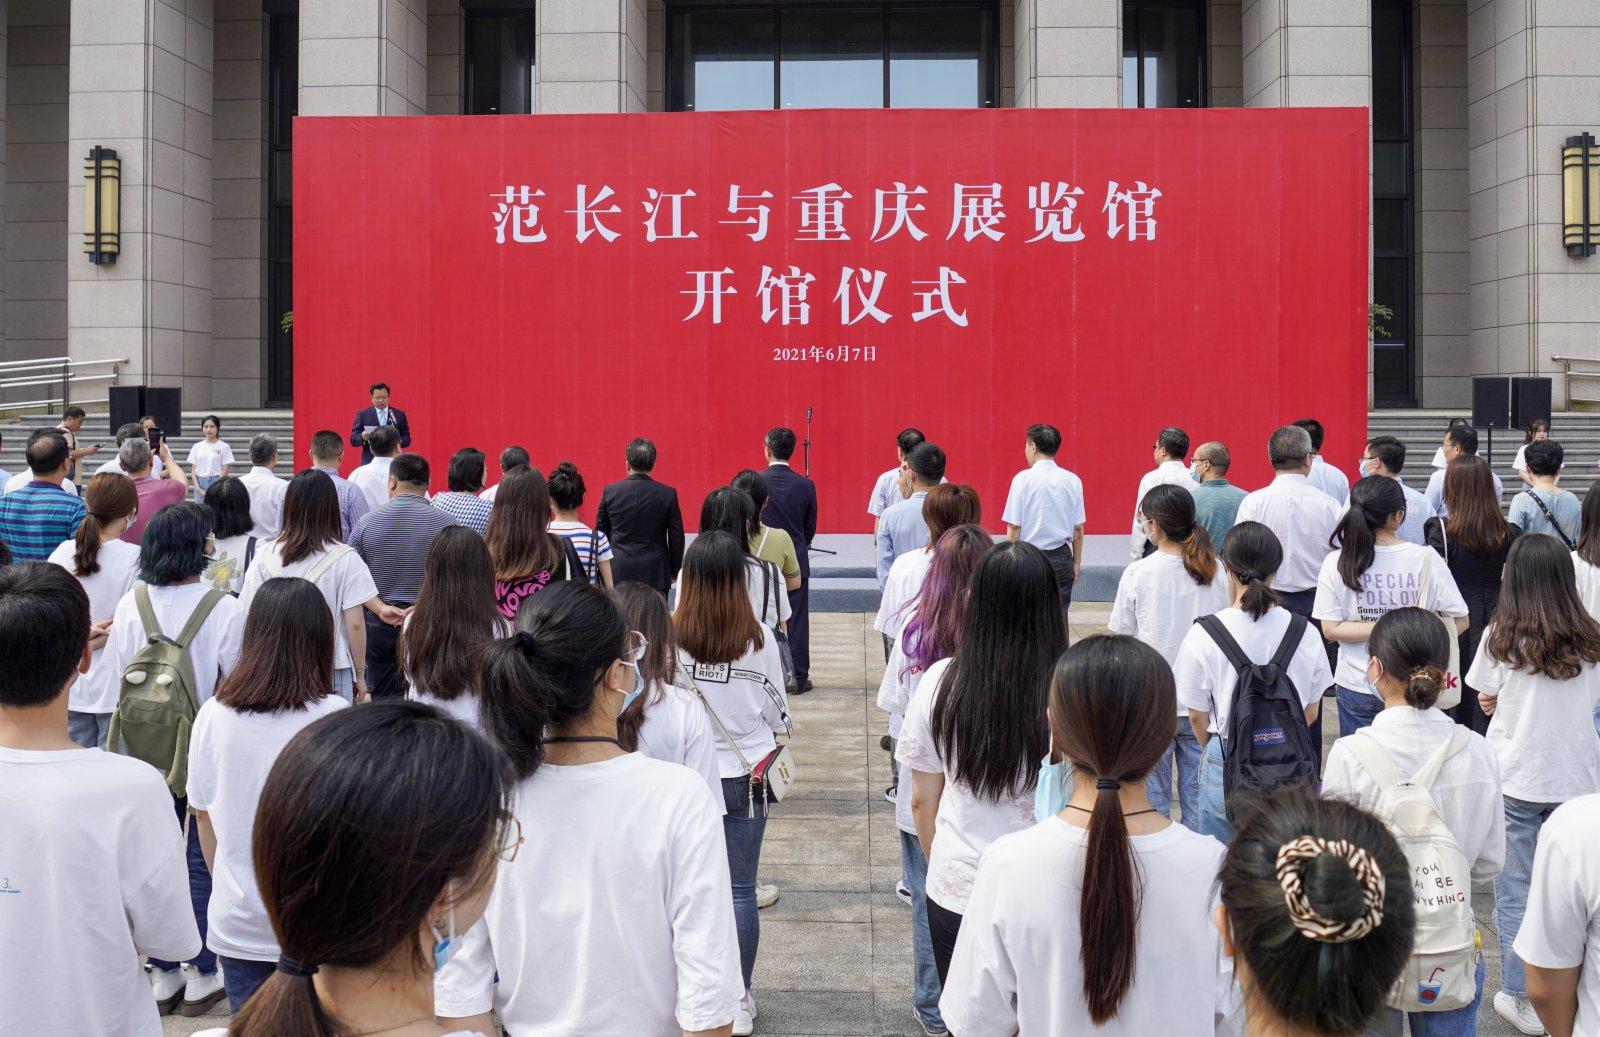 「范長江與重慶」展覽館在重慶工商大學圖書館開館。